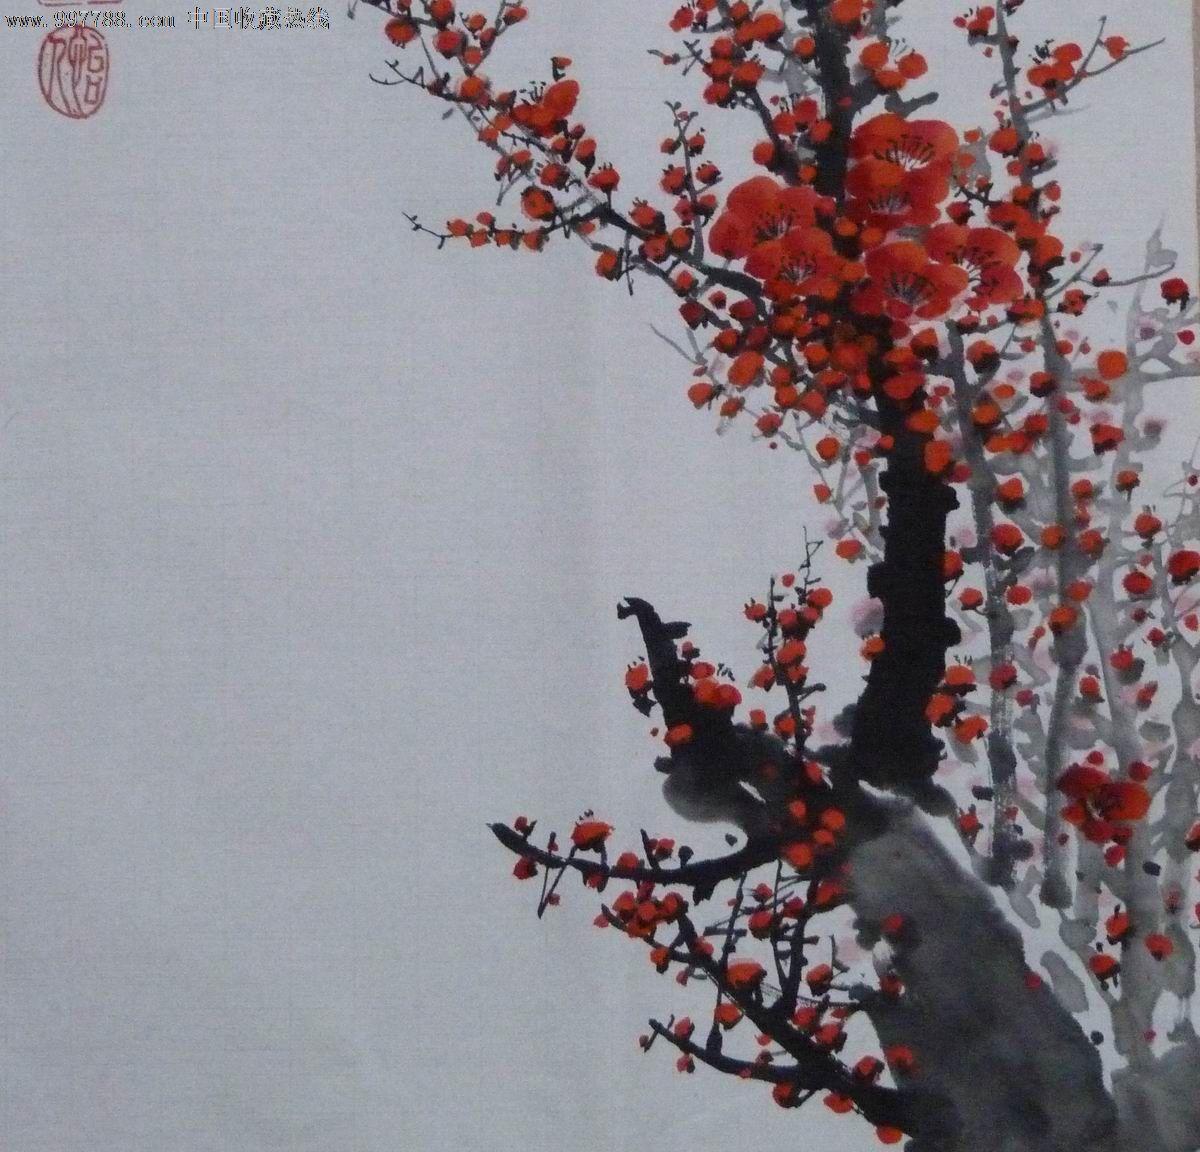 中国画写意梅花,花鸟国画原作,花卉画原画,水墨/写意画法,21世纪10